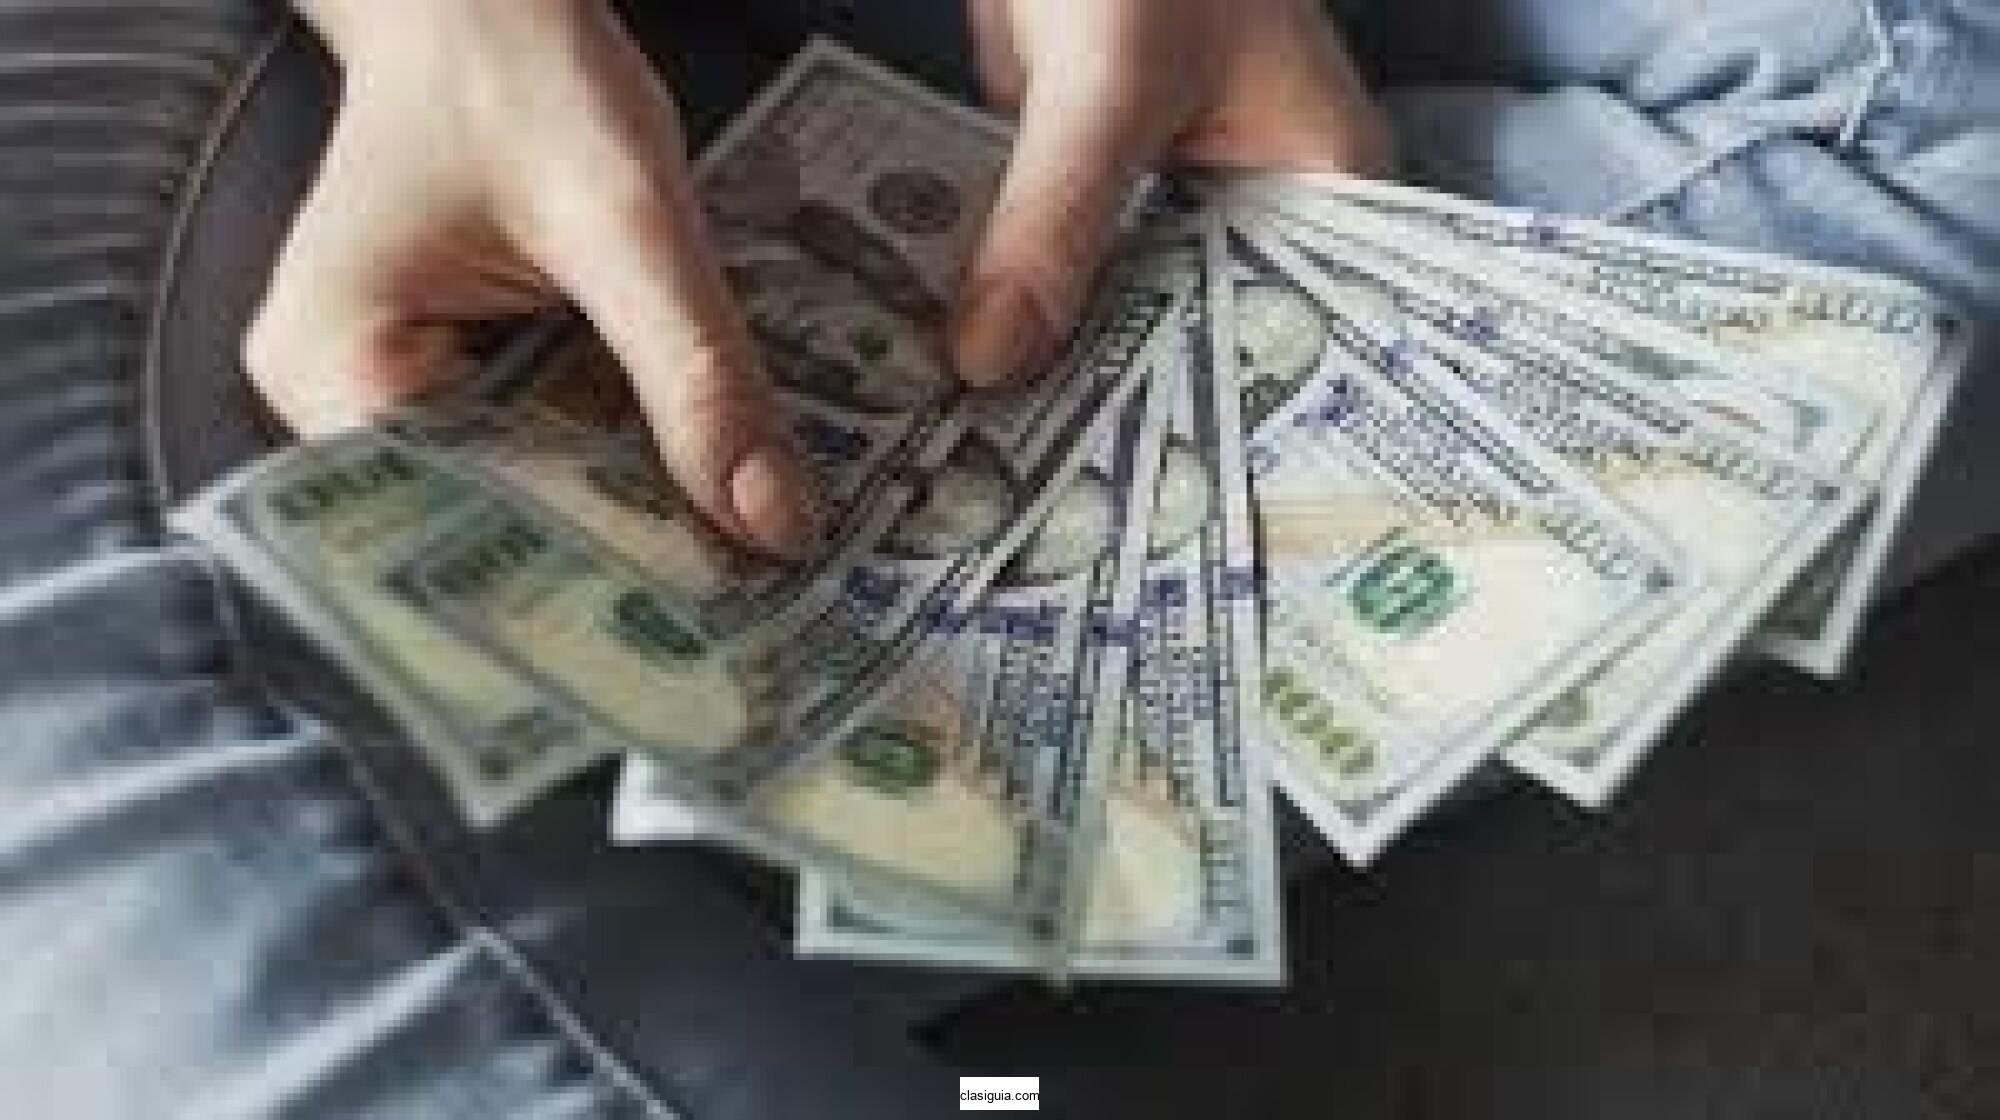 Oferta de préstamo a cualquier individuo desde $ 4,000 a $ 1,000,000